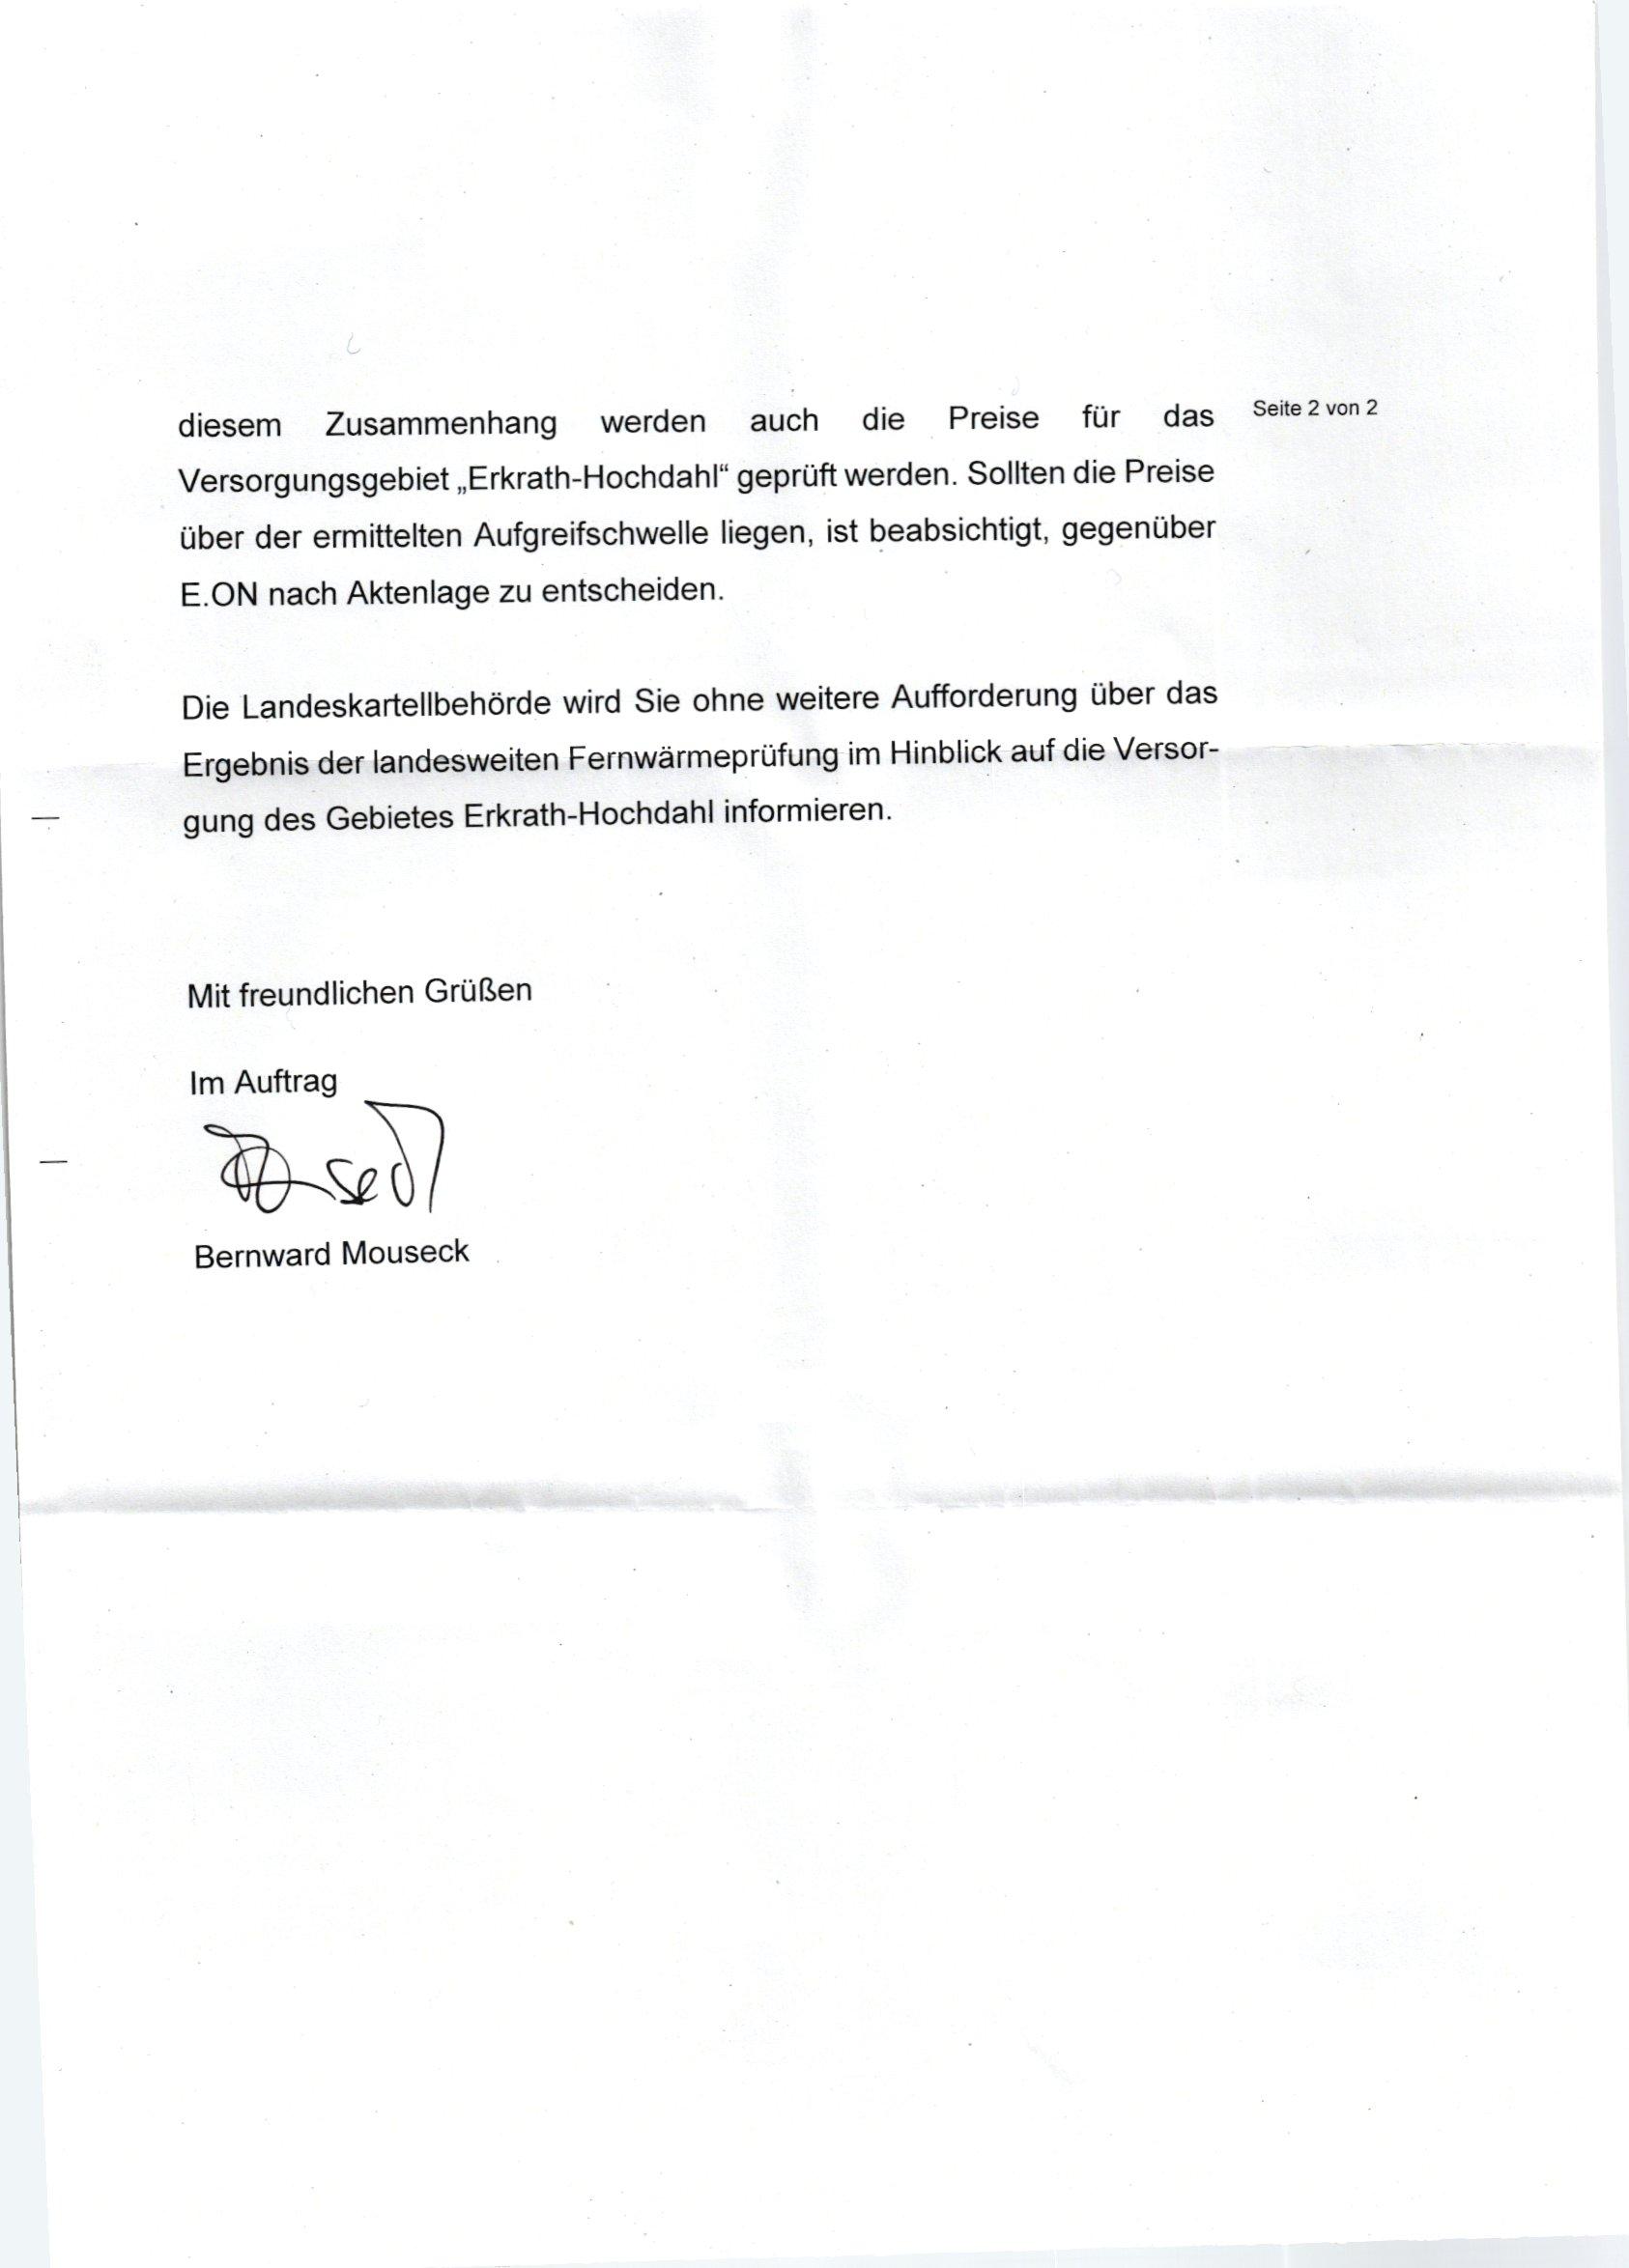 Schreiben der Landeskartellbehörde Seite 2